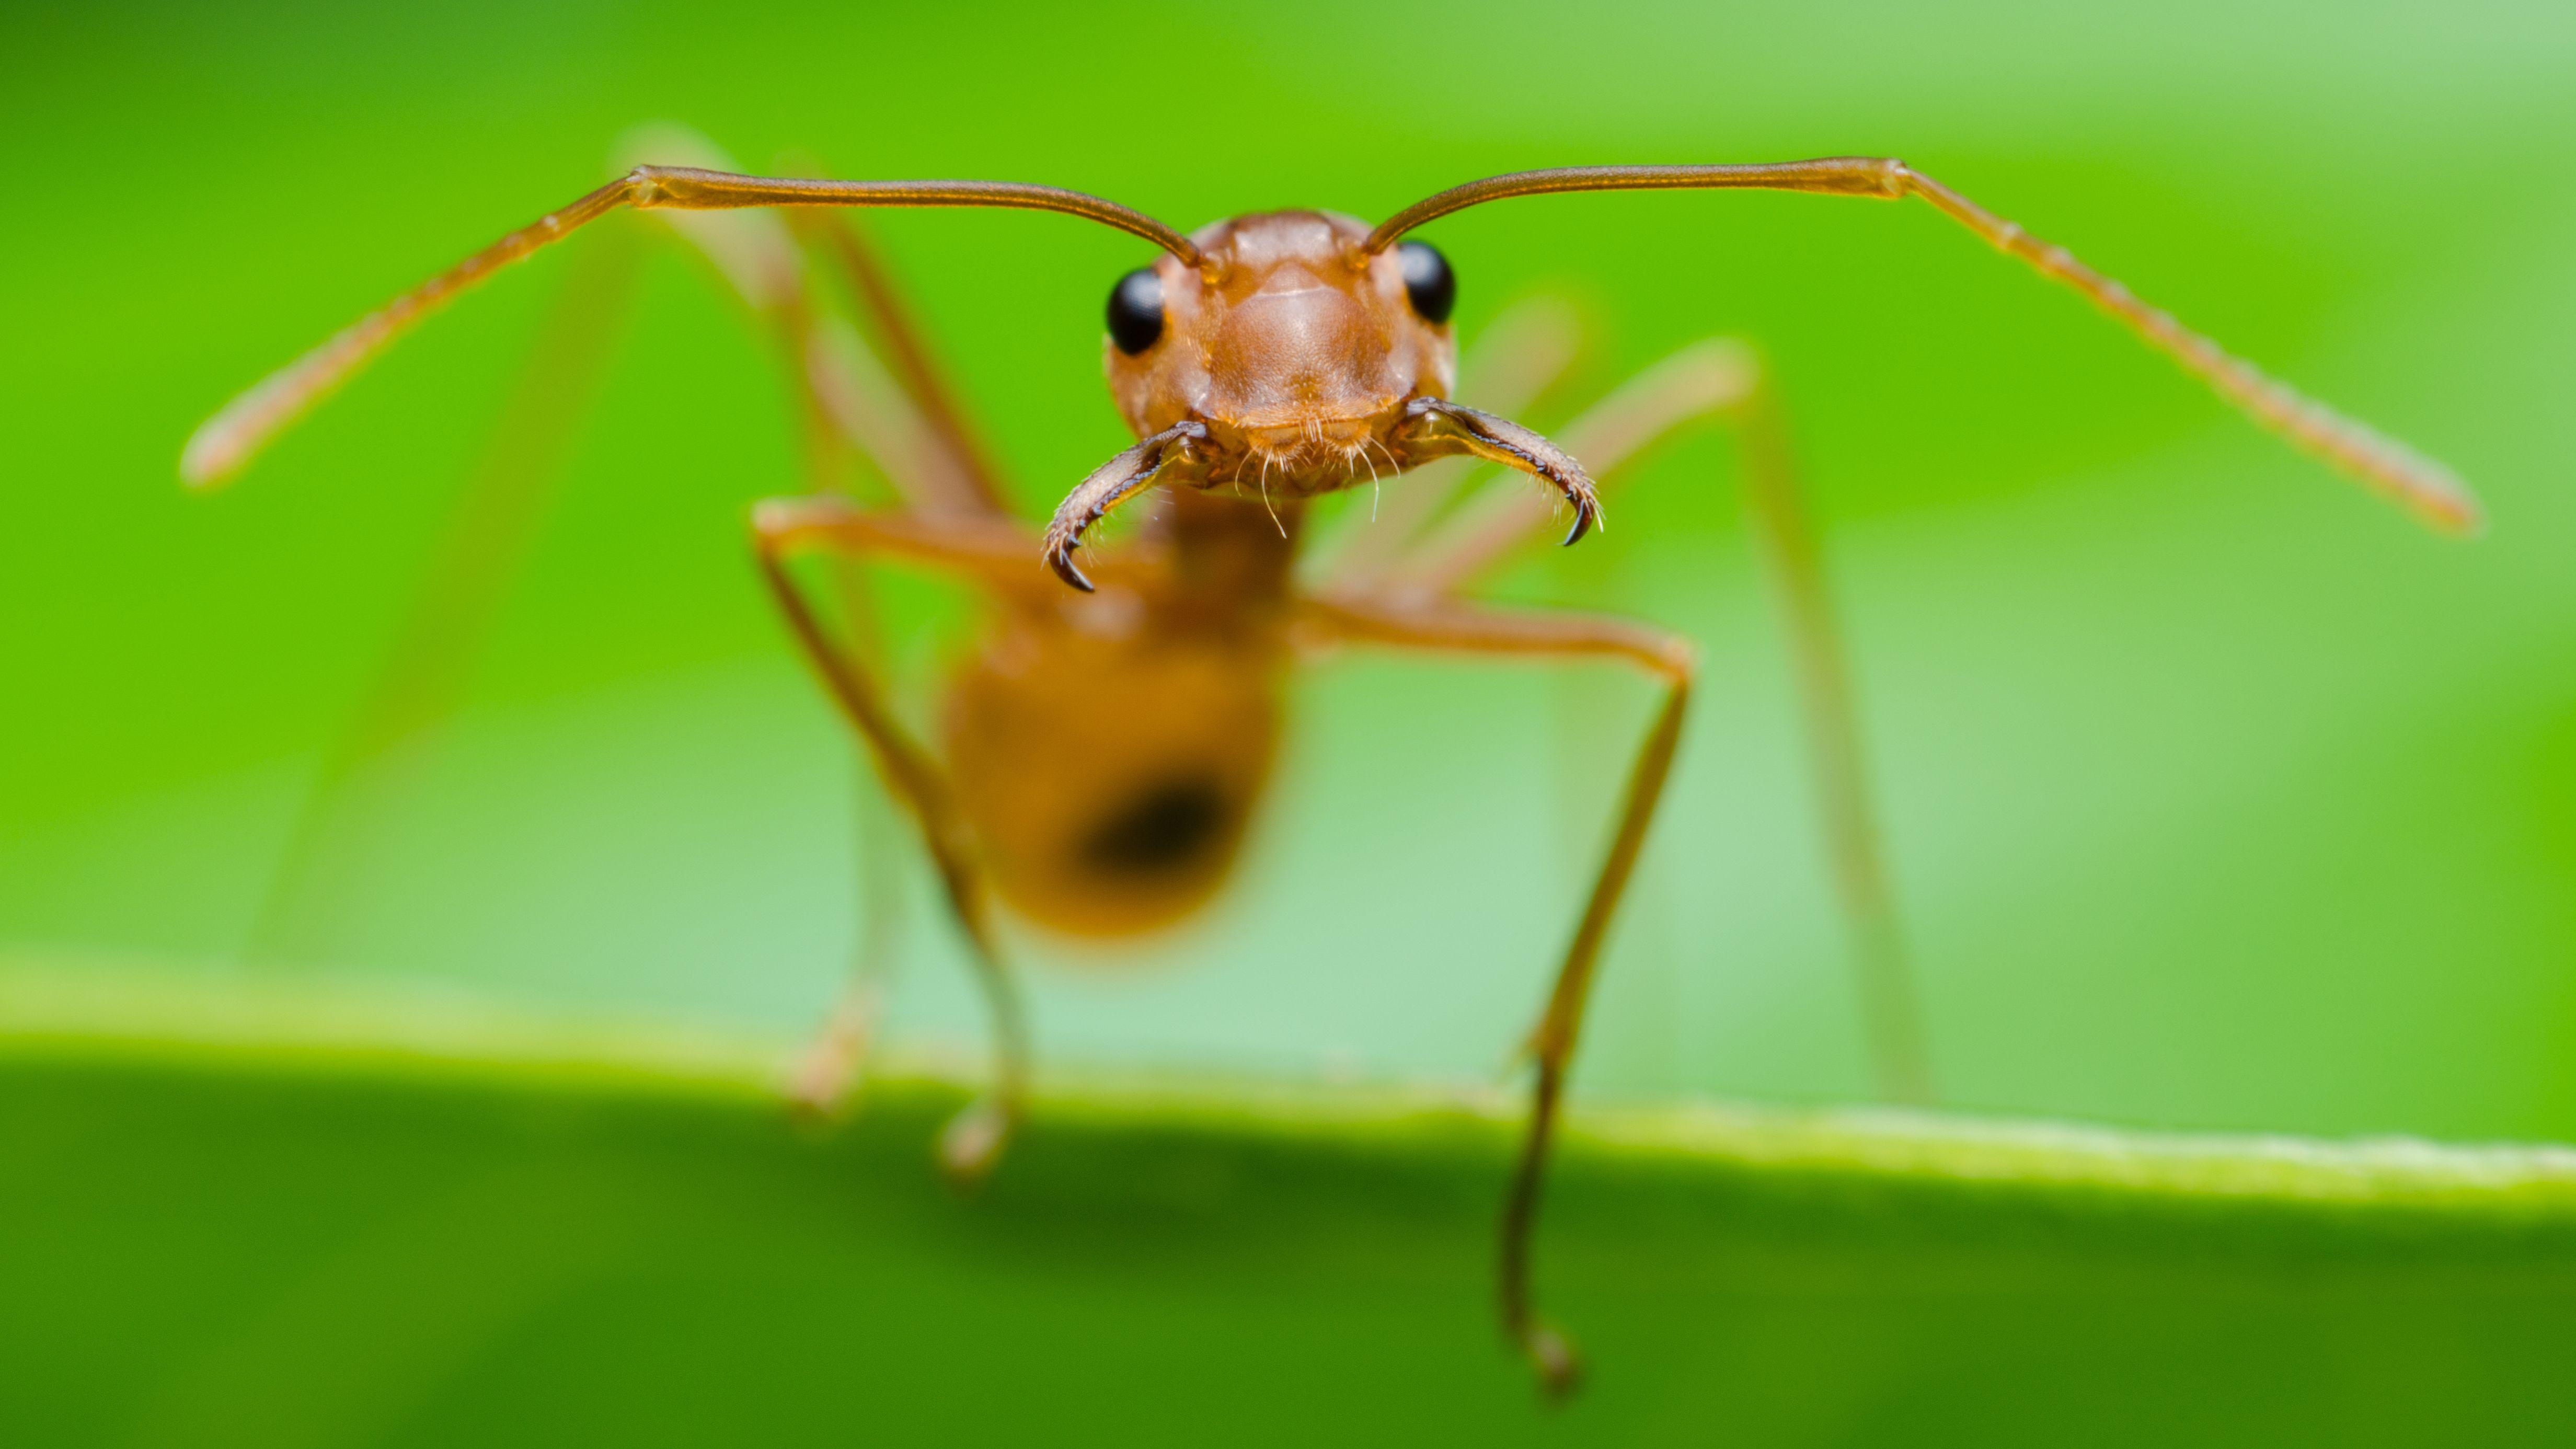 Remedios caseros  para eliminar hormigas